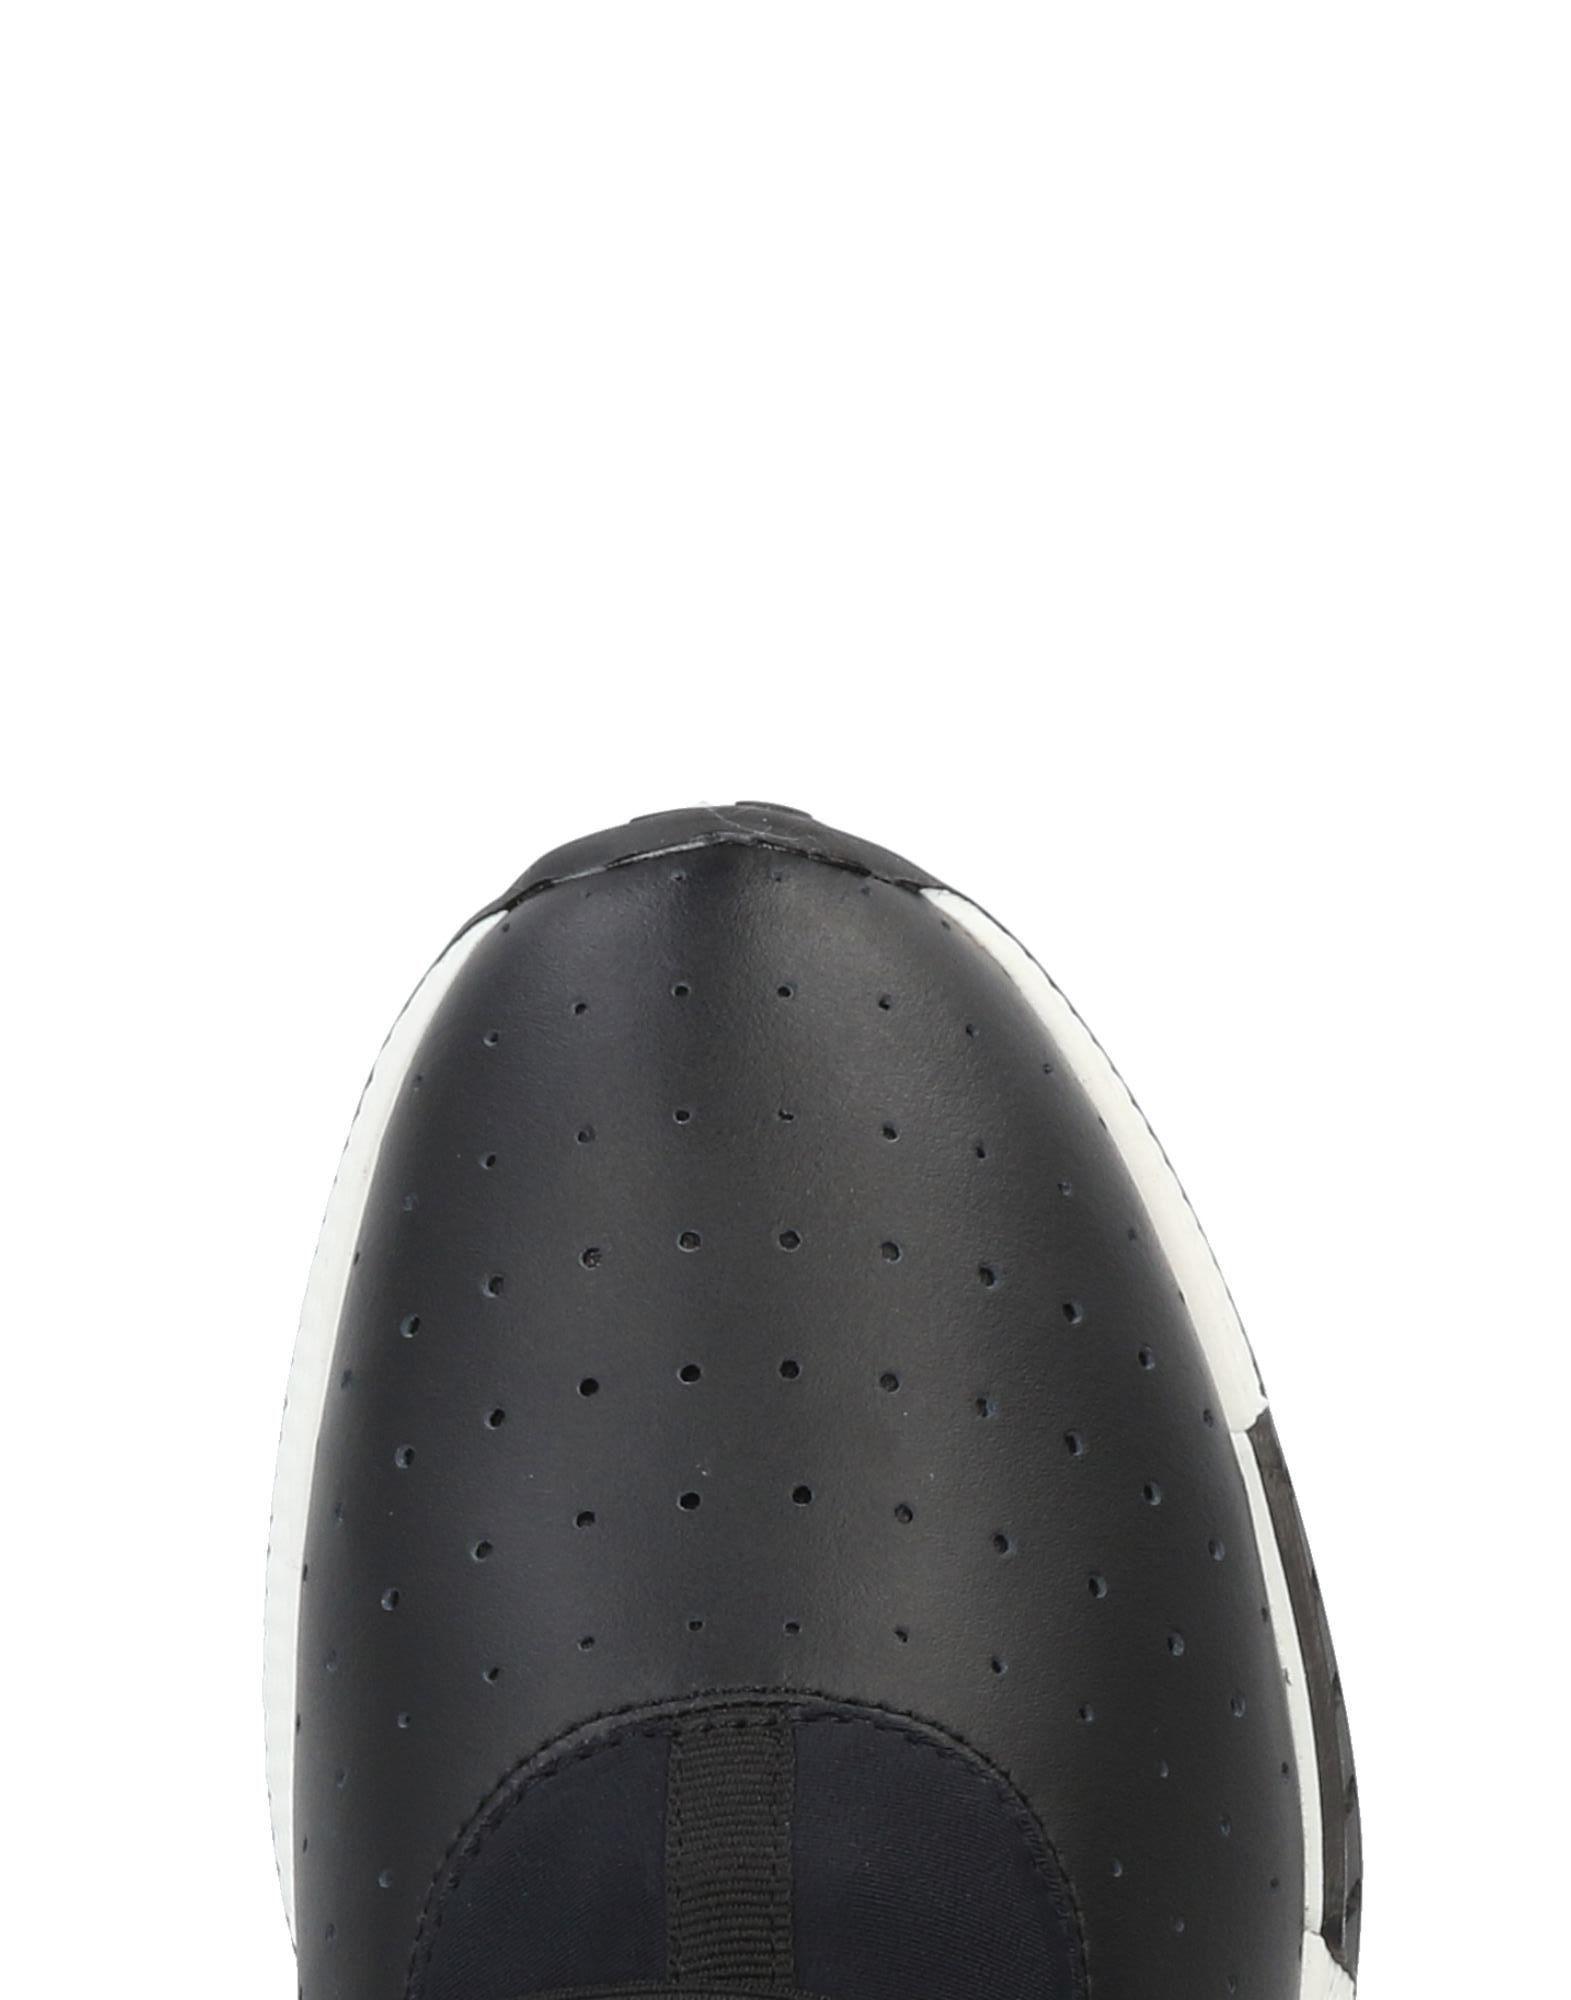 Cult Sneakers Herren Herren Sneakers  11420689GK 55538a